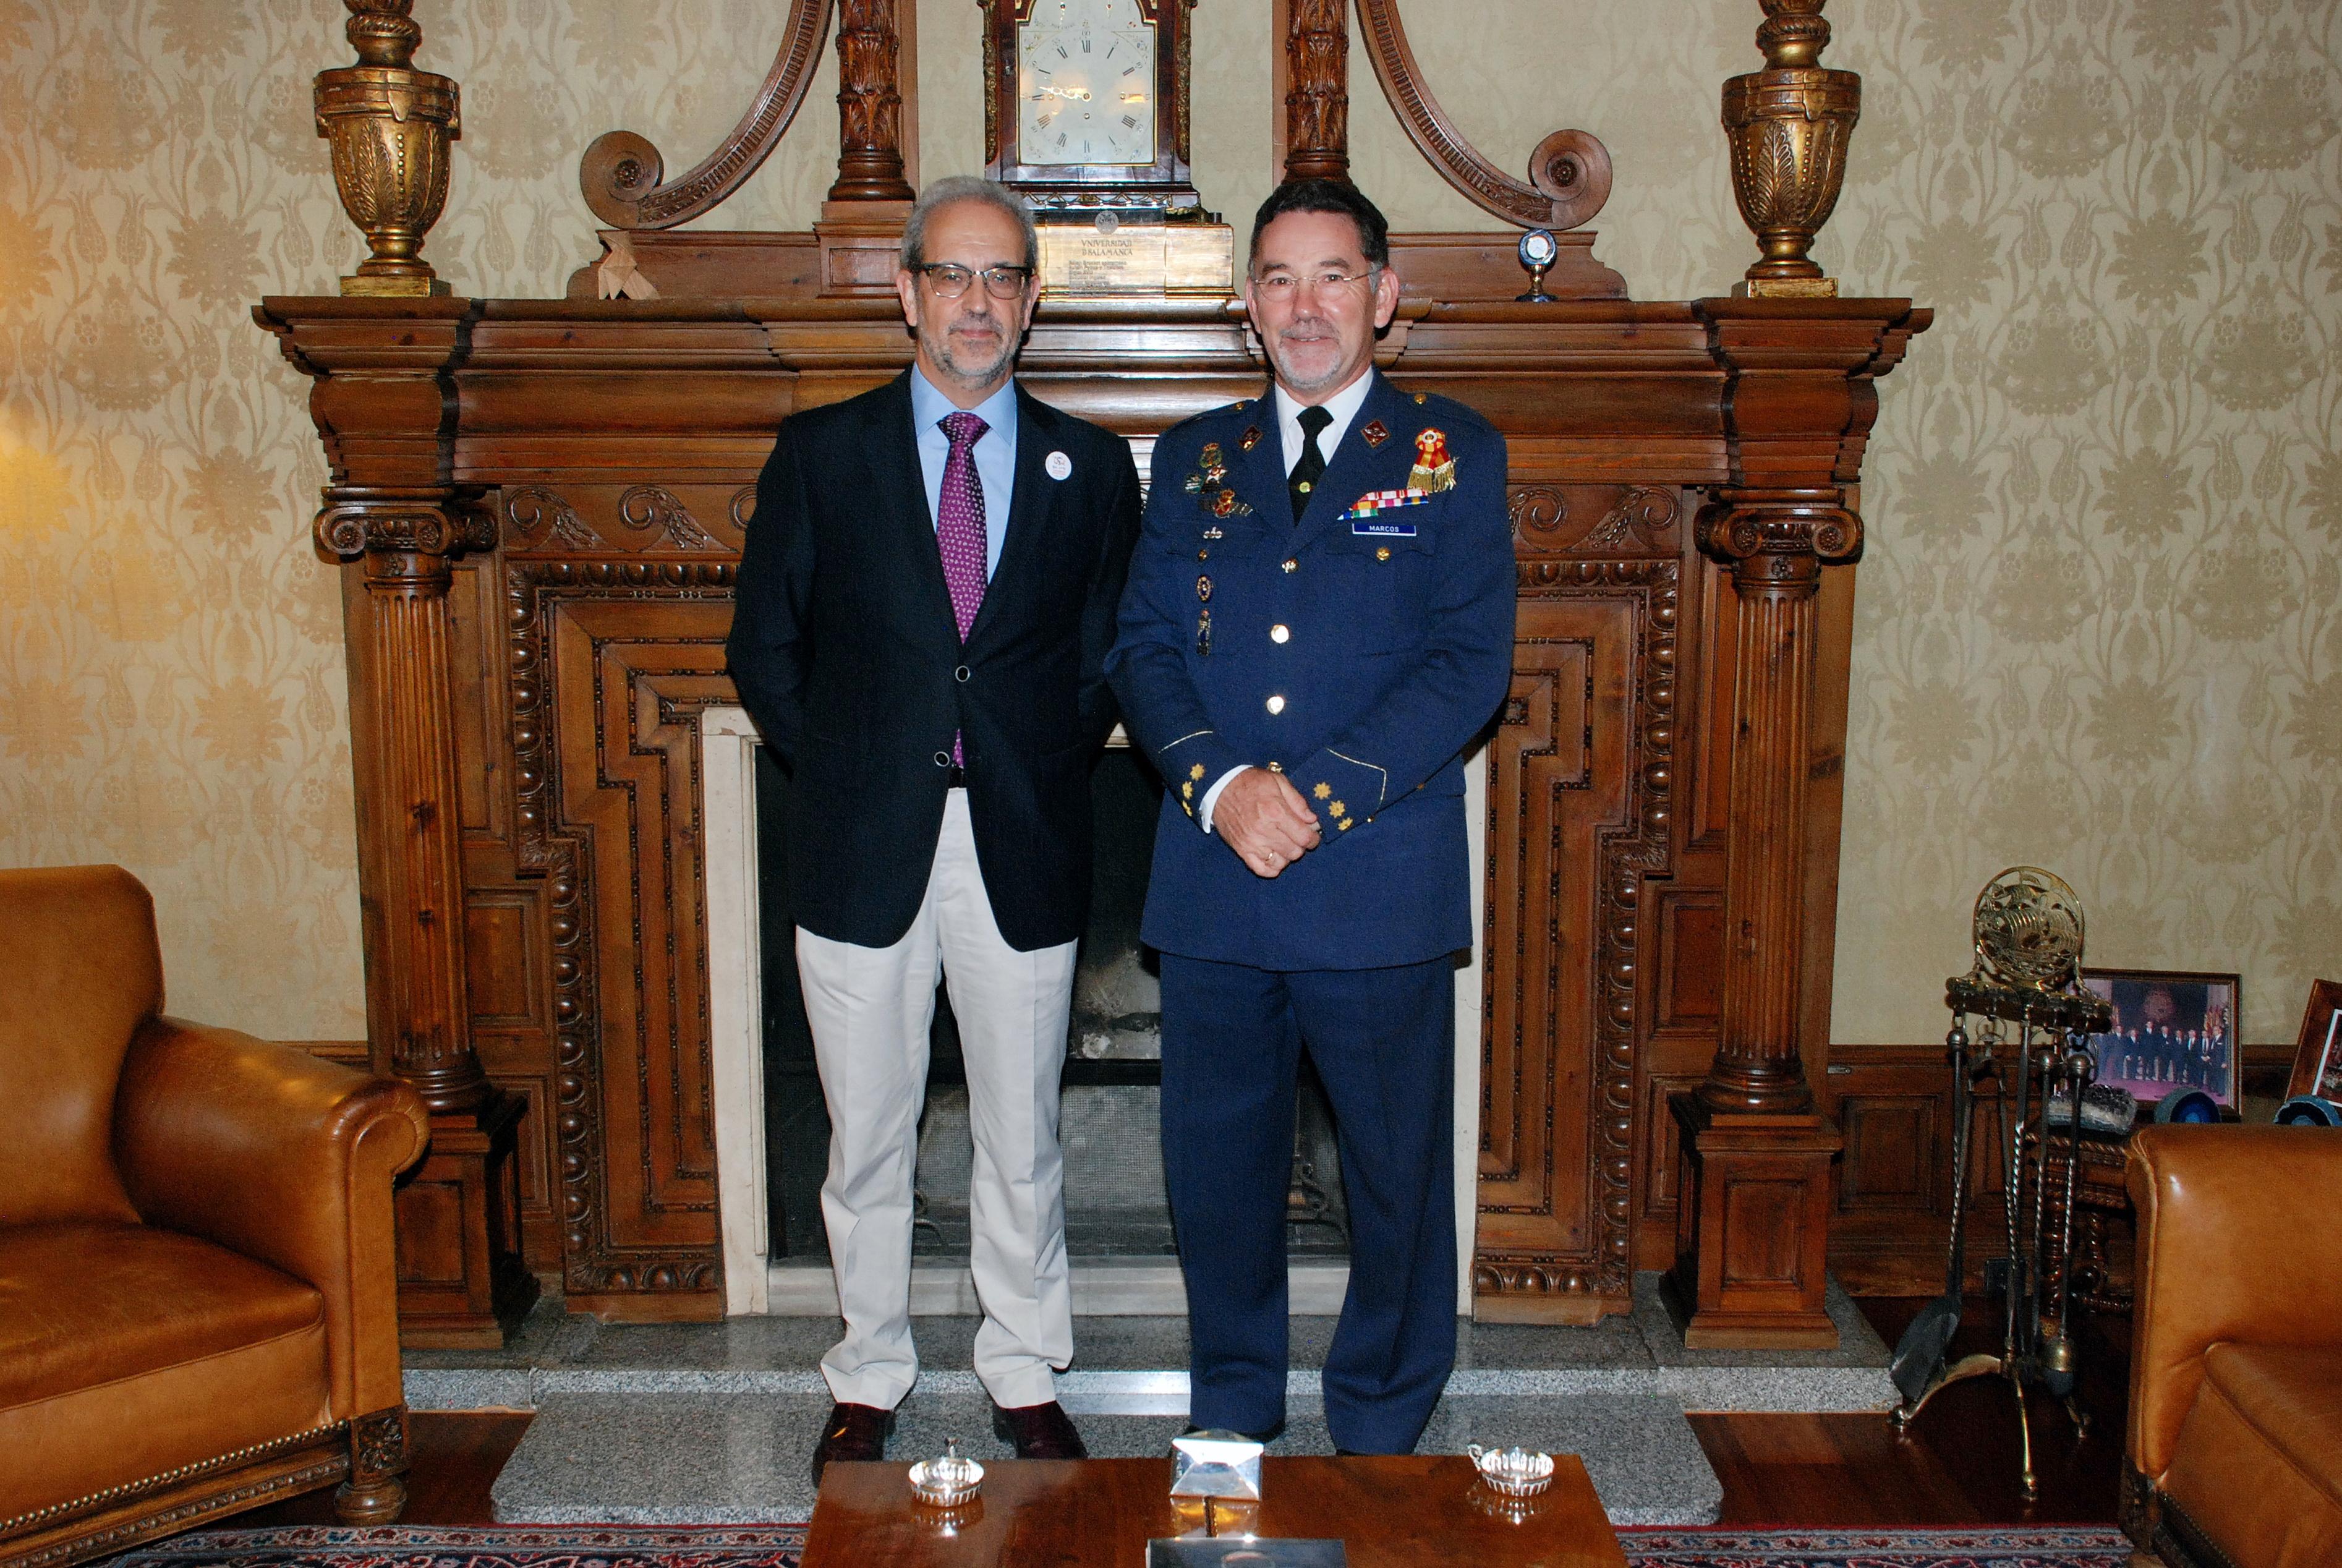 El rector de la Universidad de Salamanca, Daniel Hernández Ruipérez, recibe al coronel jefe de la Base Aérea de Matacán